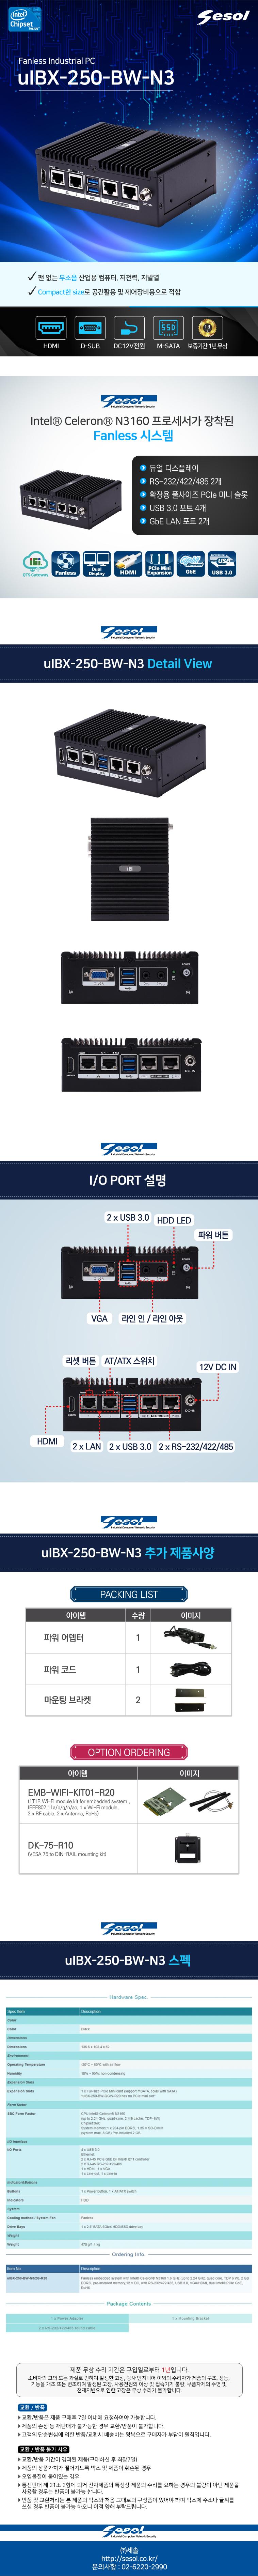 세솔  uIBX-250-BW(2GB)